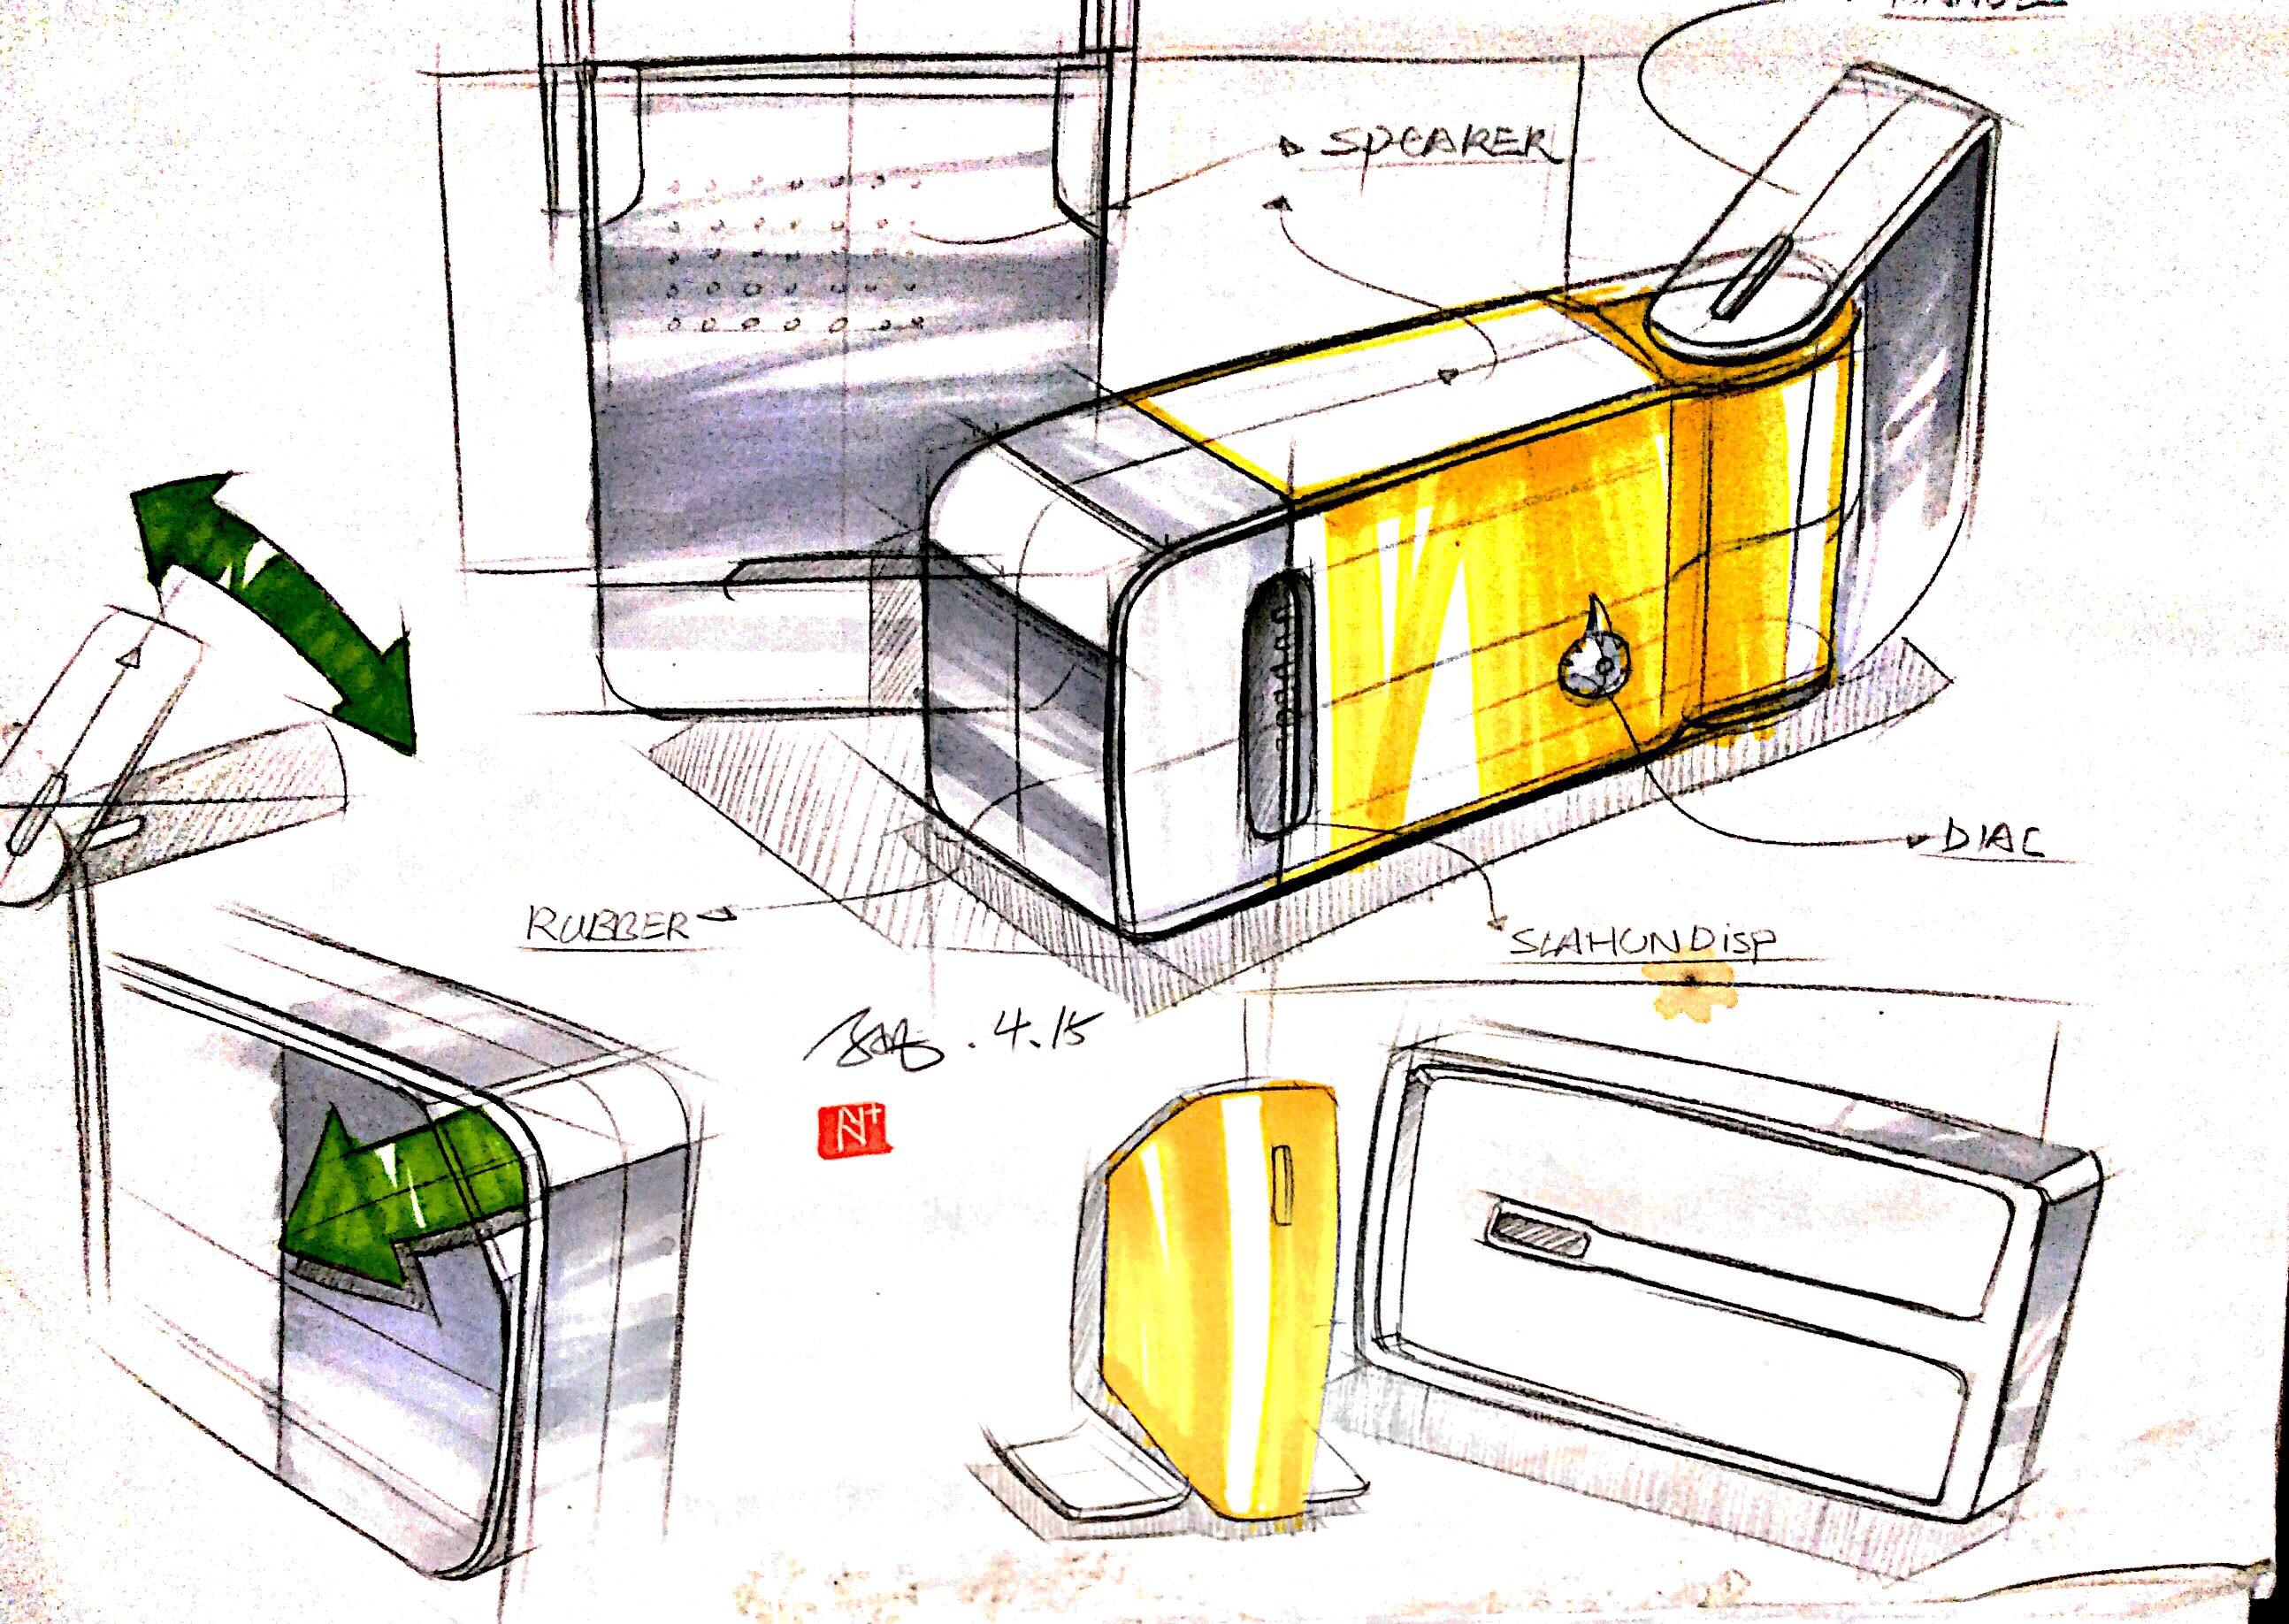 工业设计手绘-每日一画|工业/产品|生活用品|孙凡设计